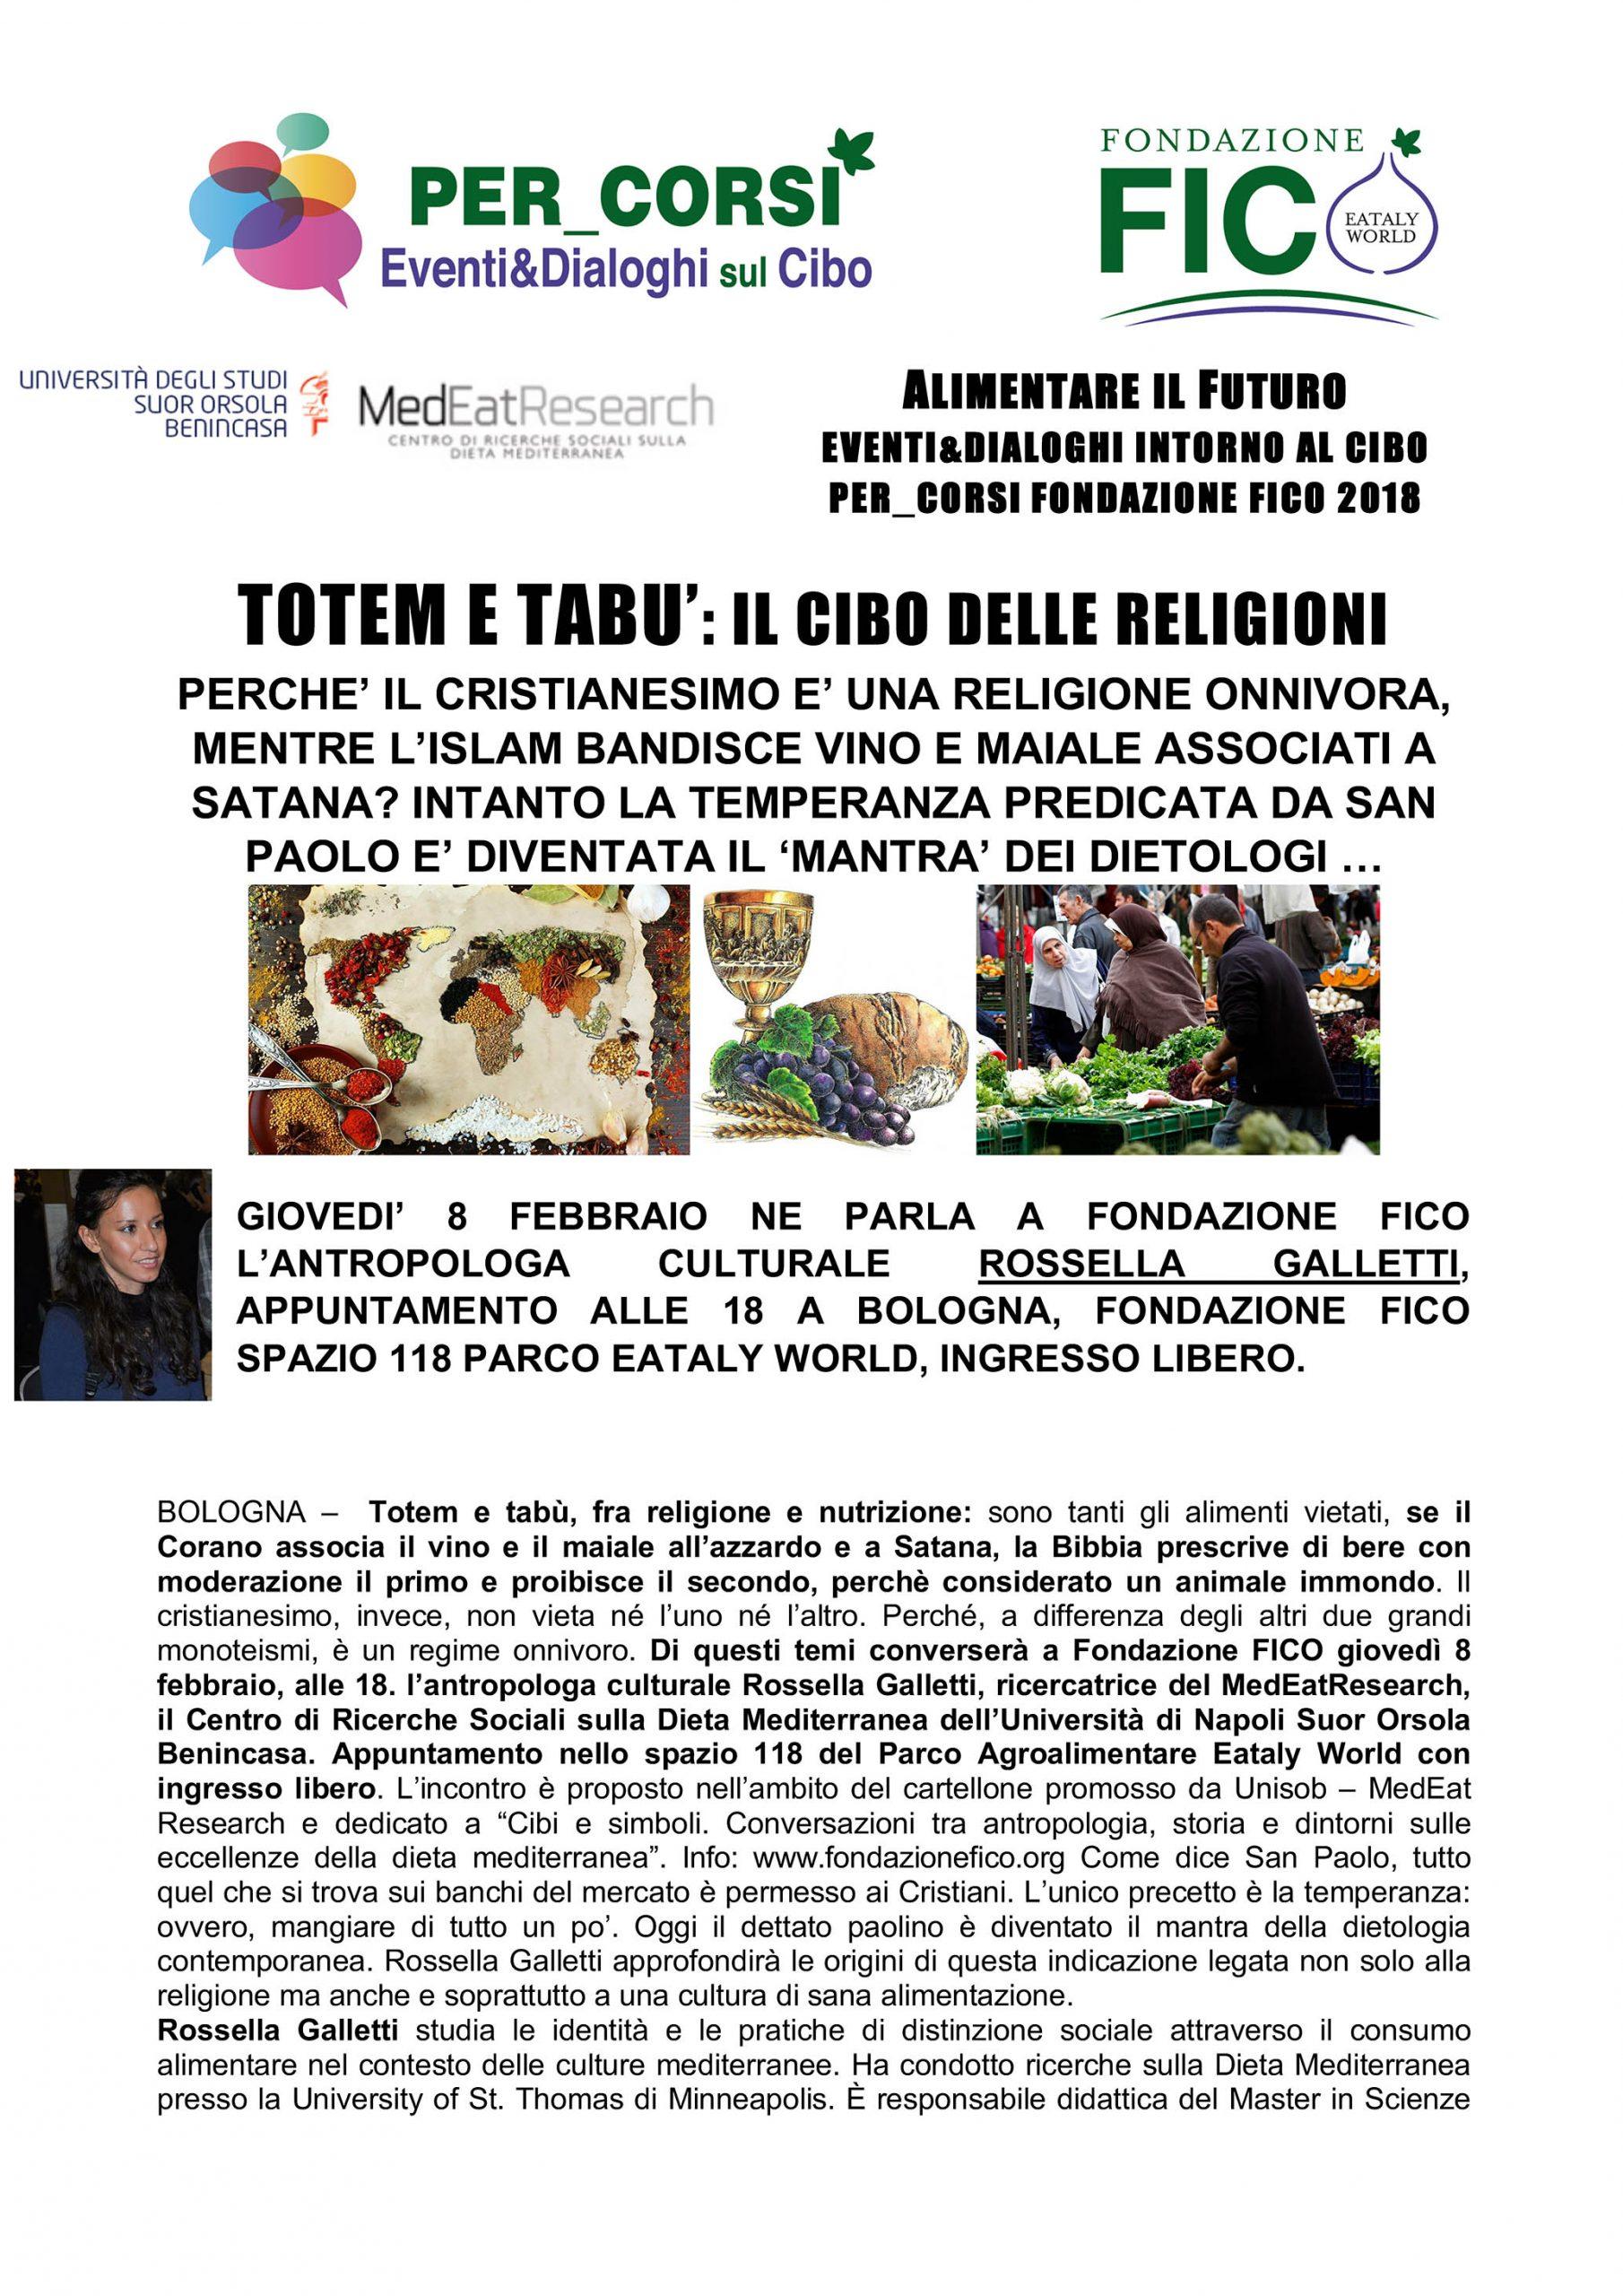 CS-0019-FondazioneFIco-PER_CORSI-TOTEM-TABU-ROSSELLA GALLETT-08-02-2018_Pagina_1